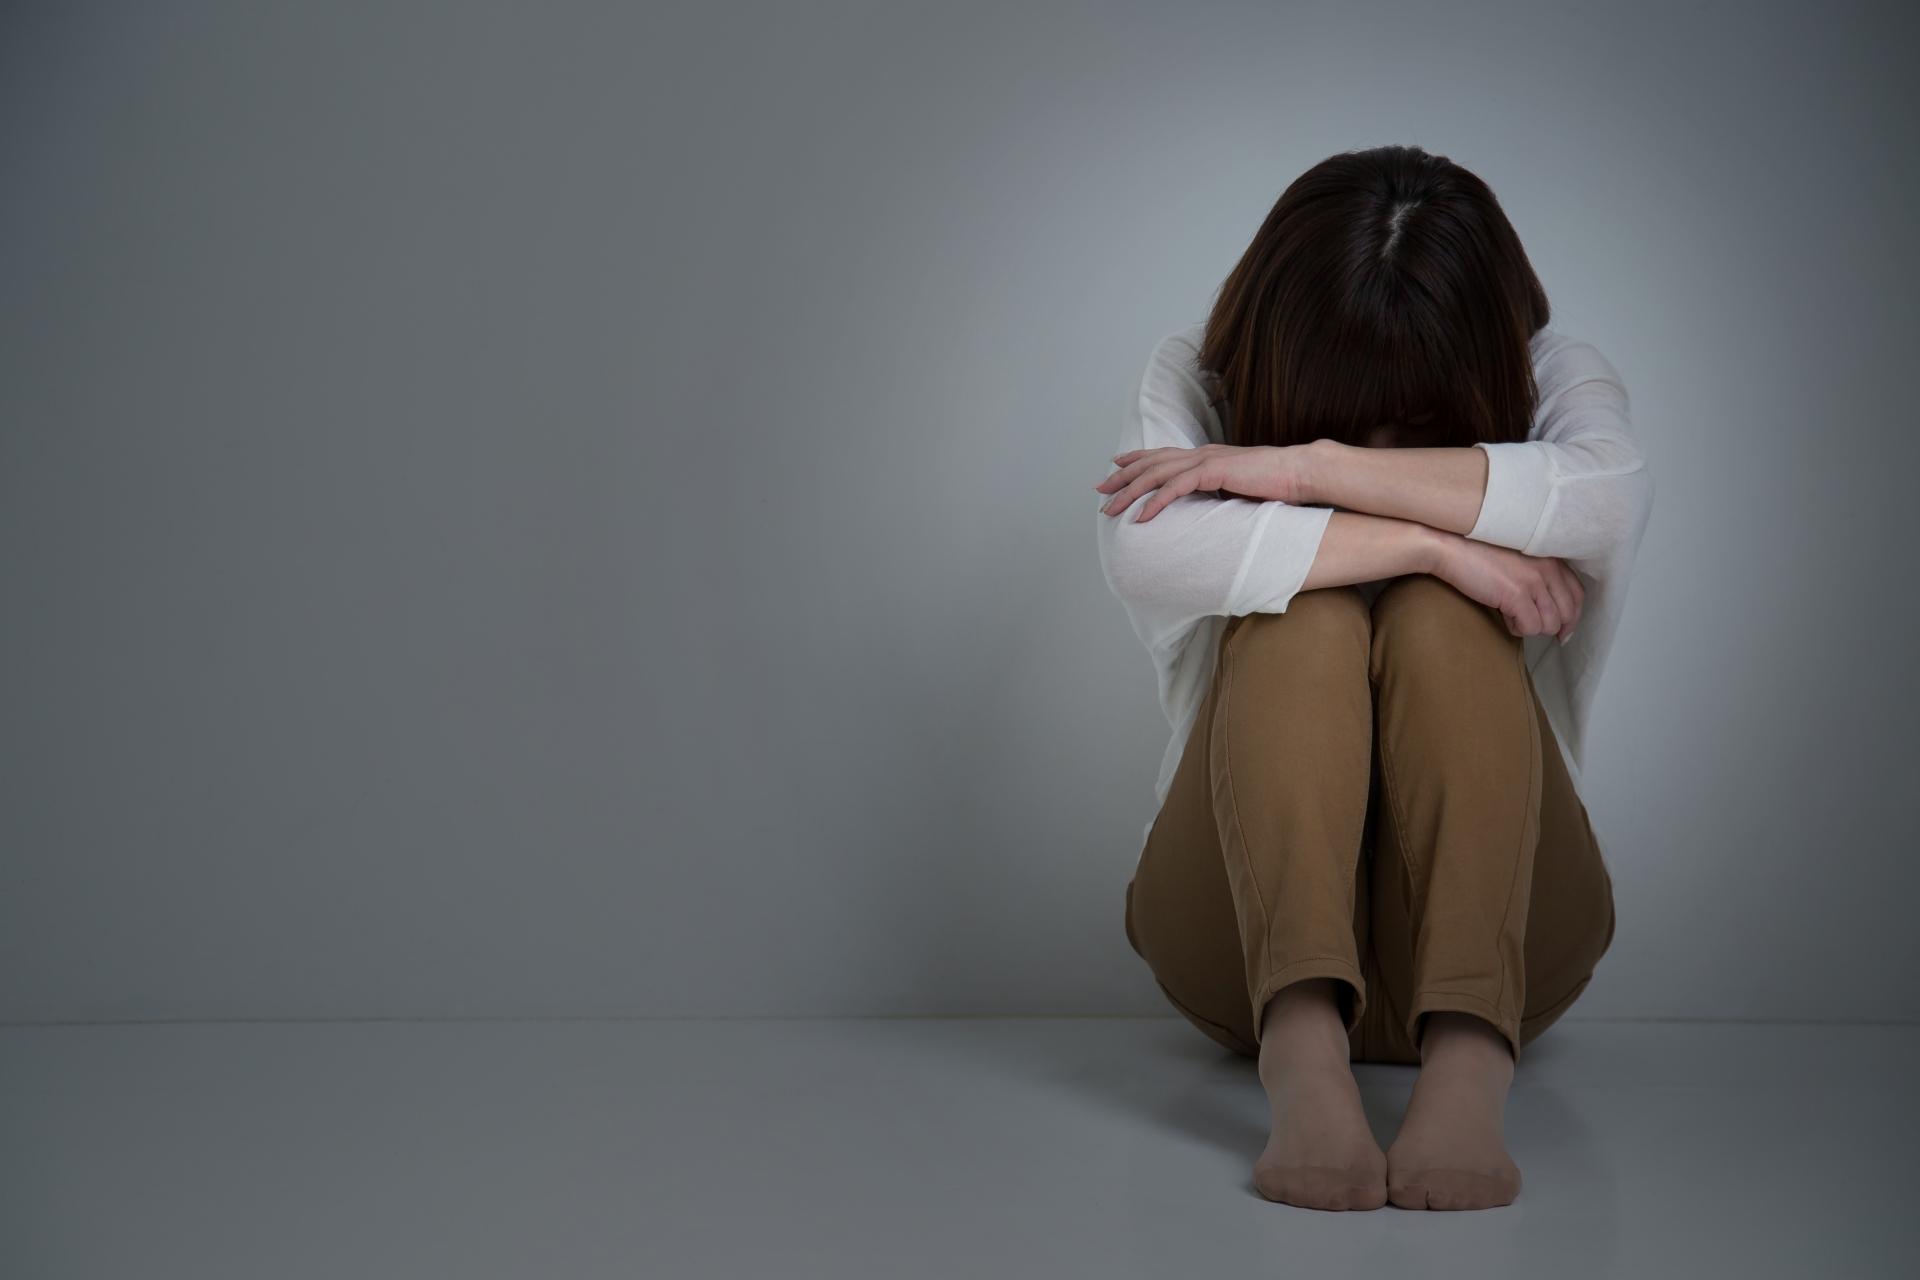 コロナでストレスを感じる女性